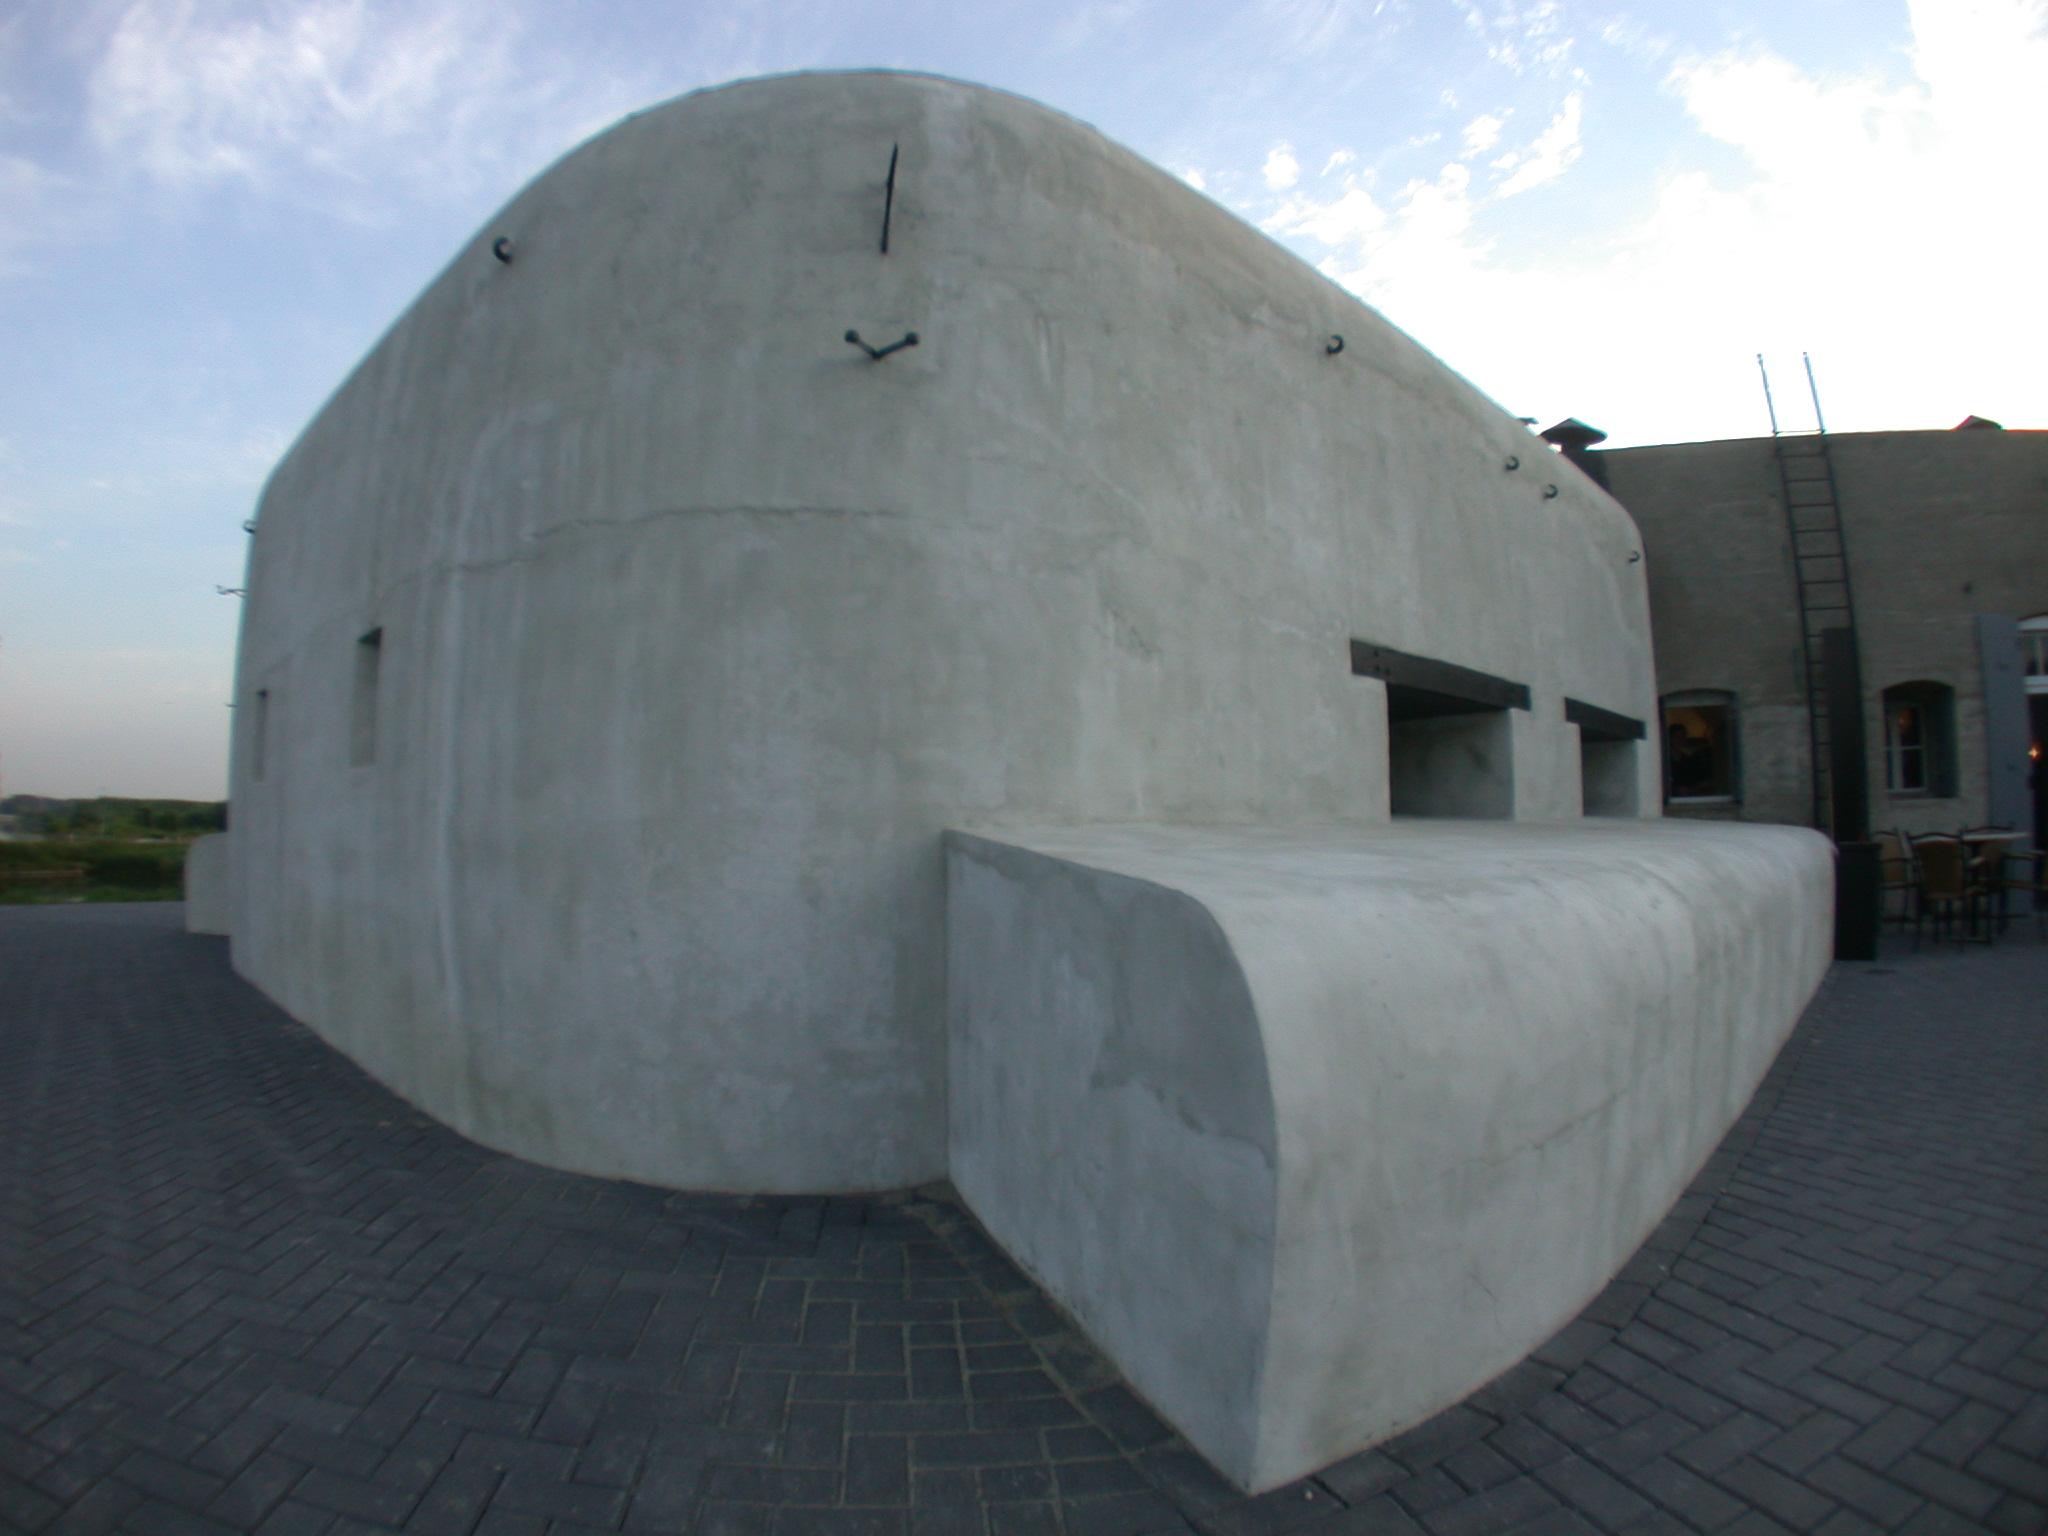 bunker architecture exteriors wo2 woII woI wo1 concrete fortress vijfhuizen